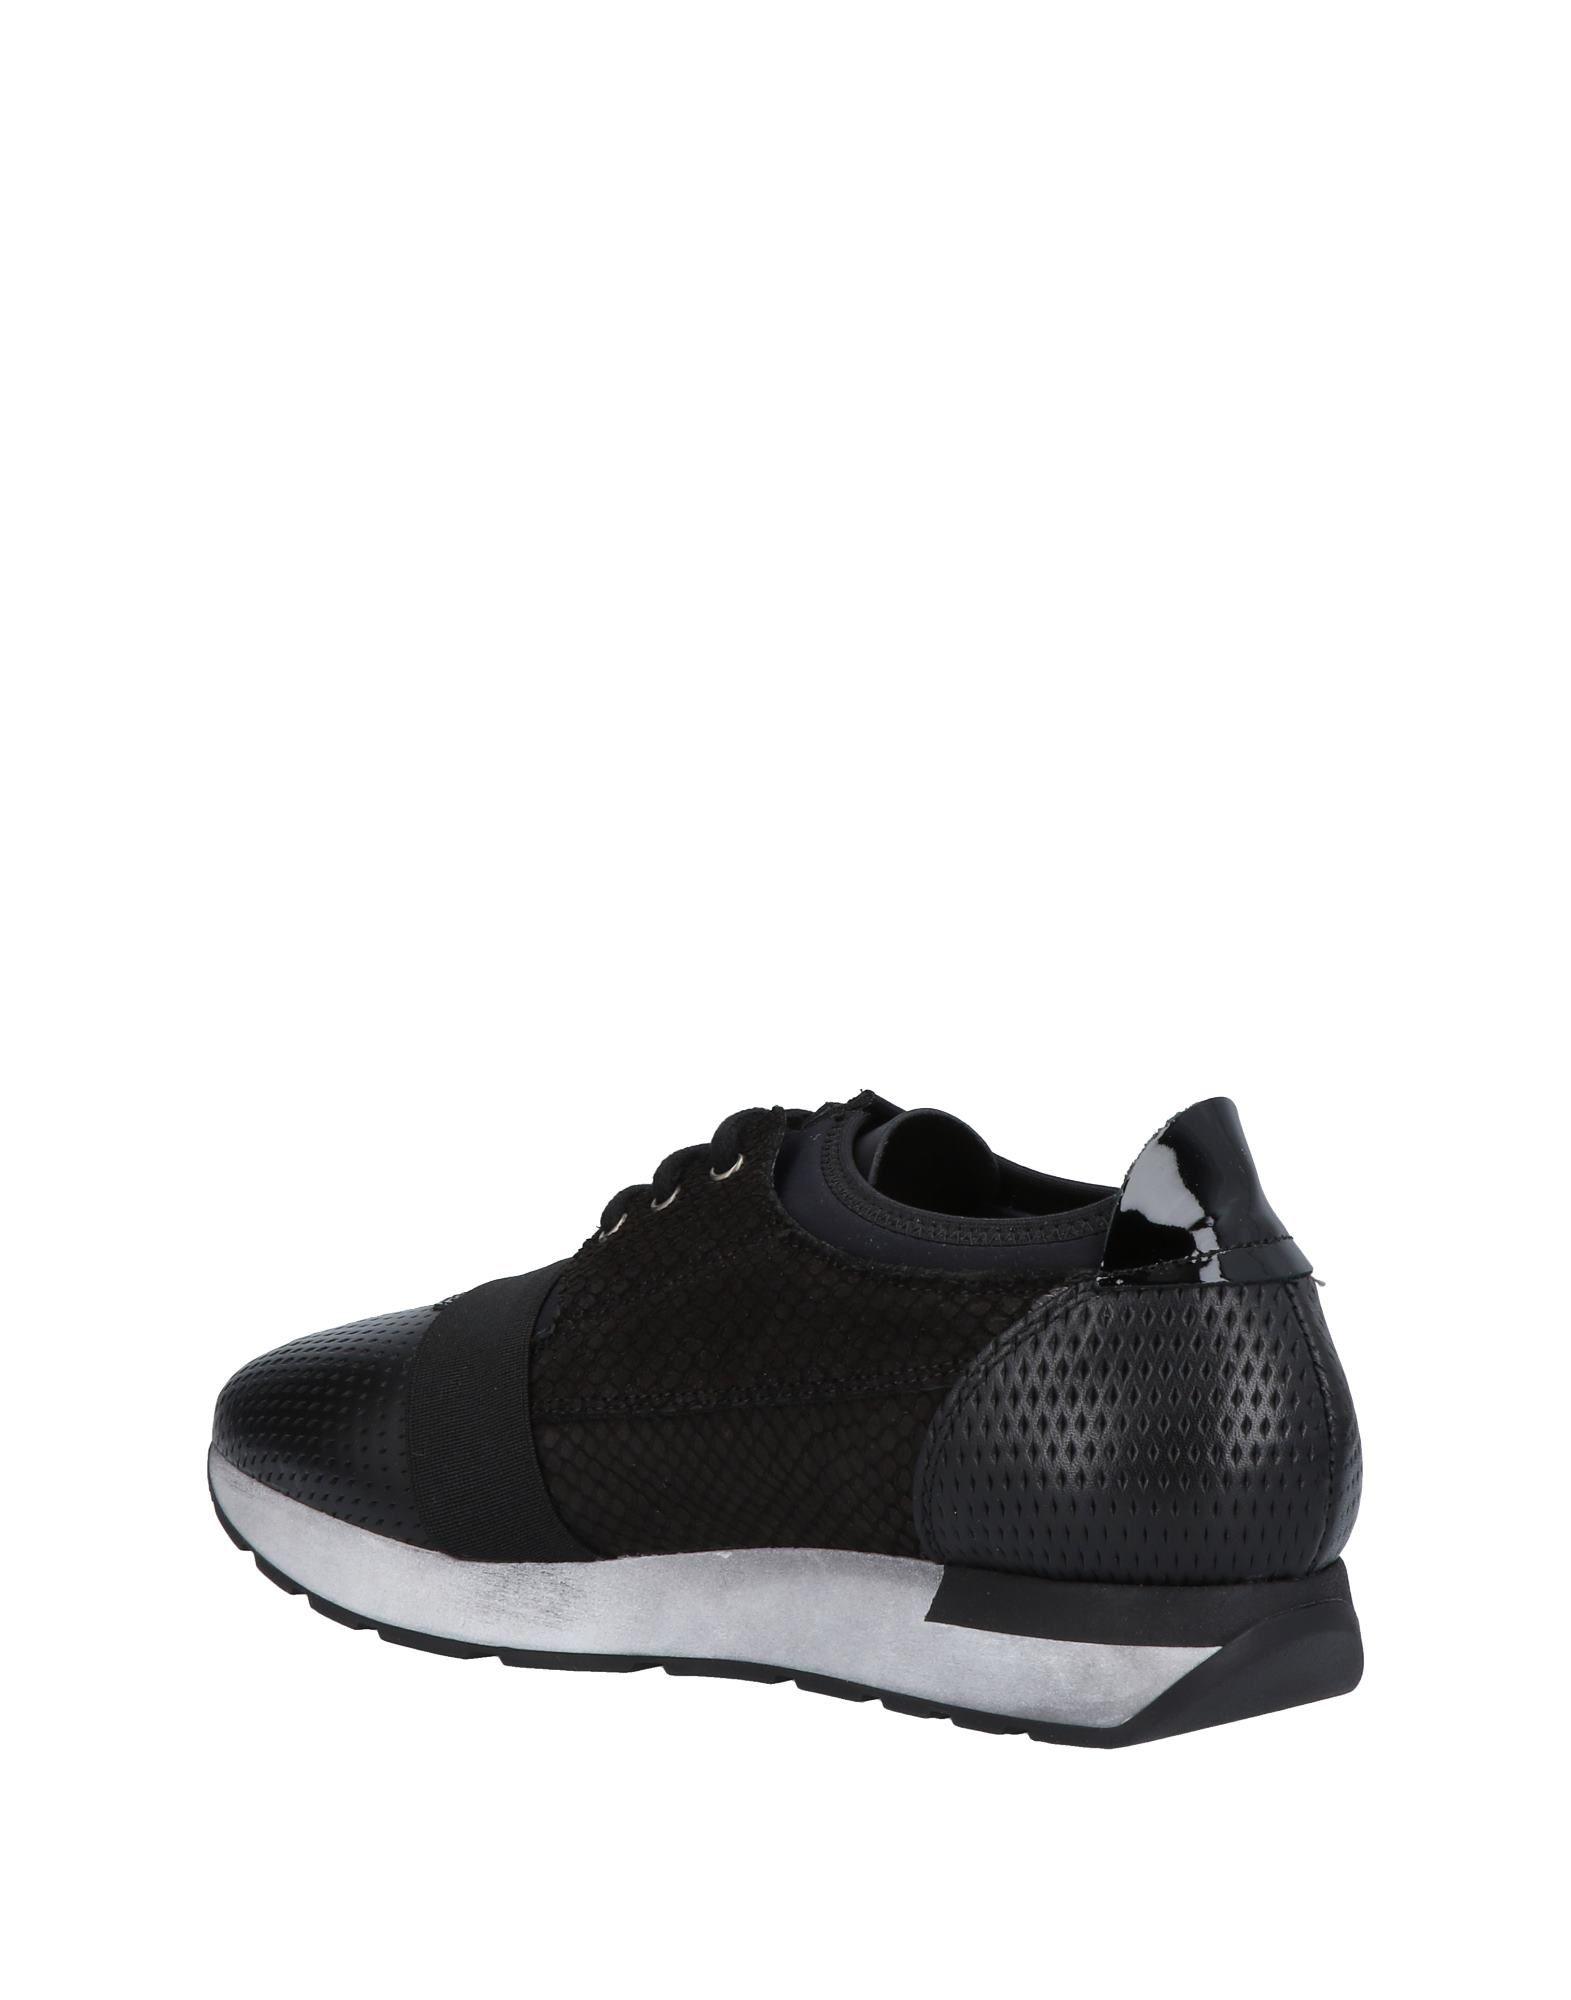 Scarpe economiche e resistenti Sneakers Tsd12 Donna - 11453885LD